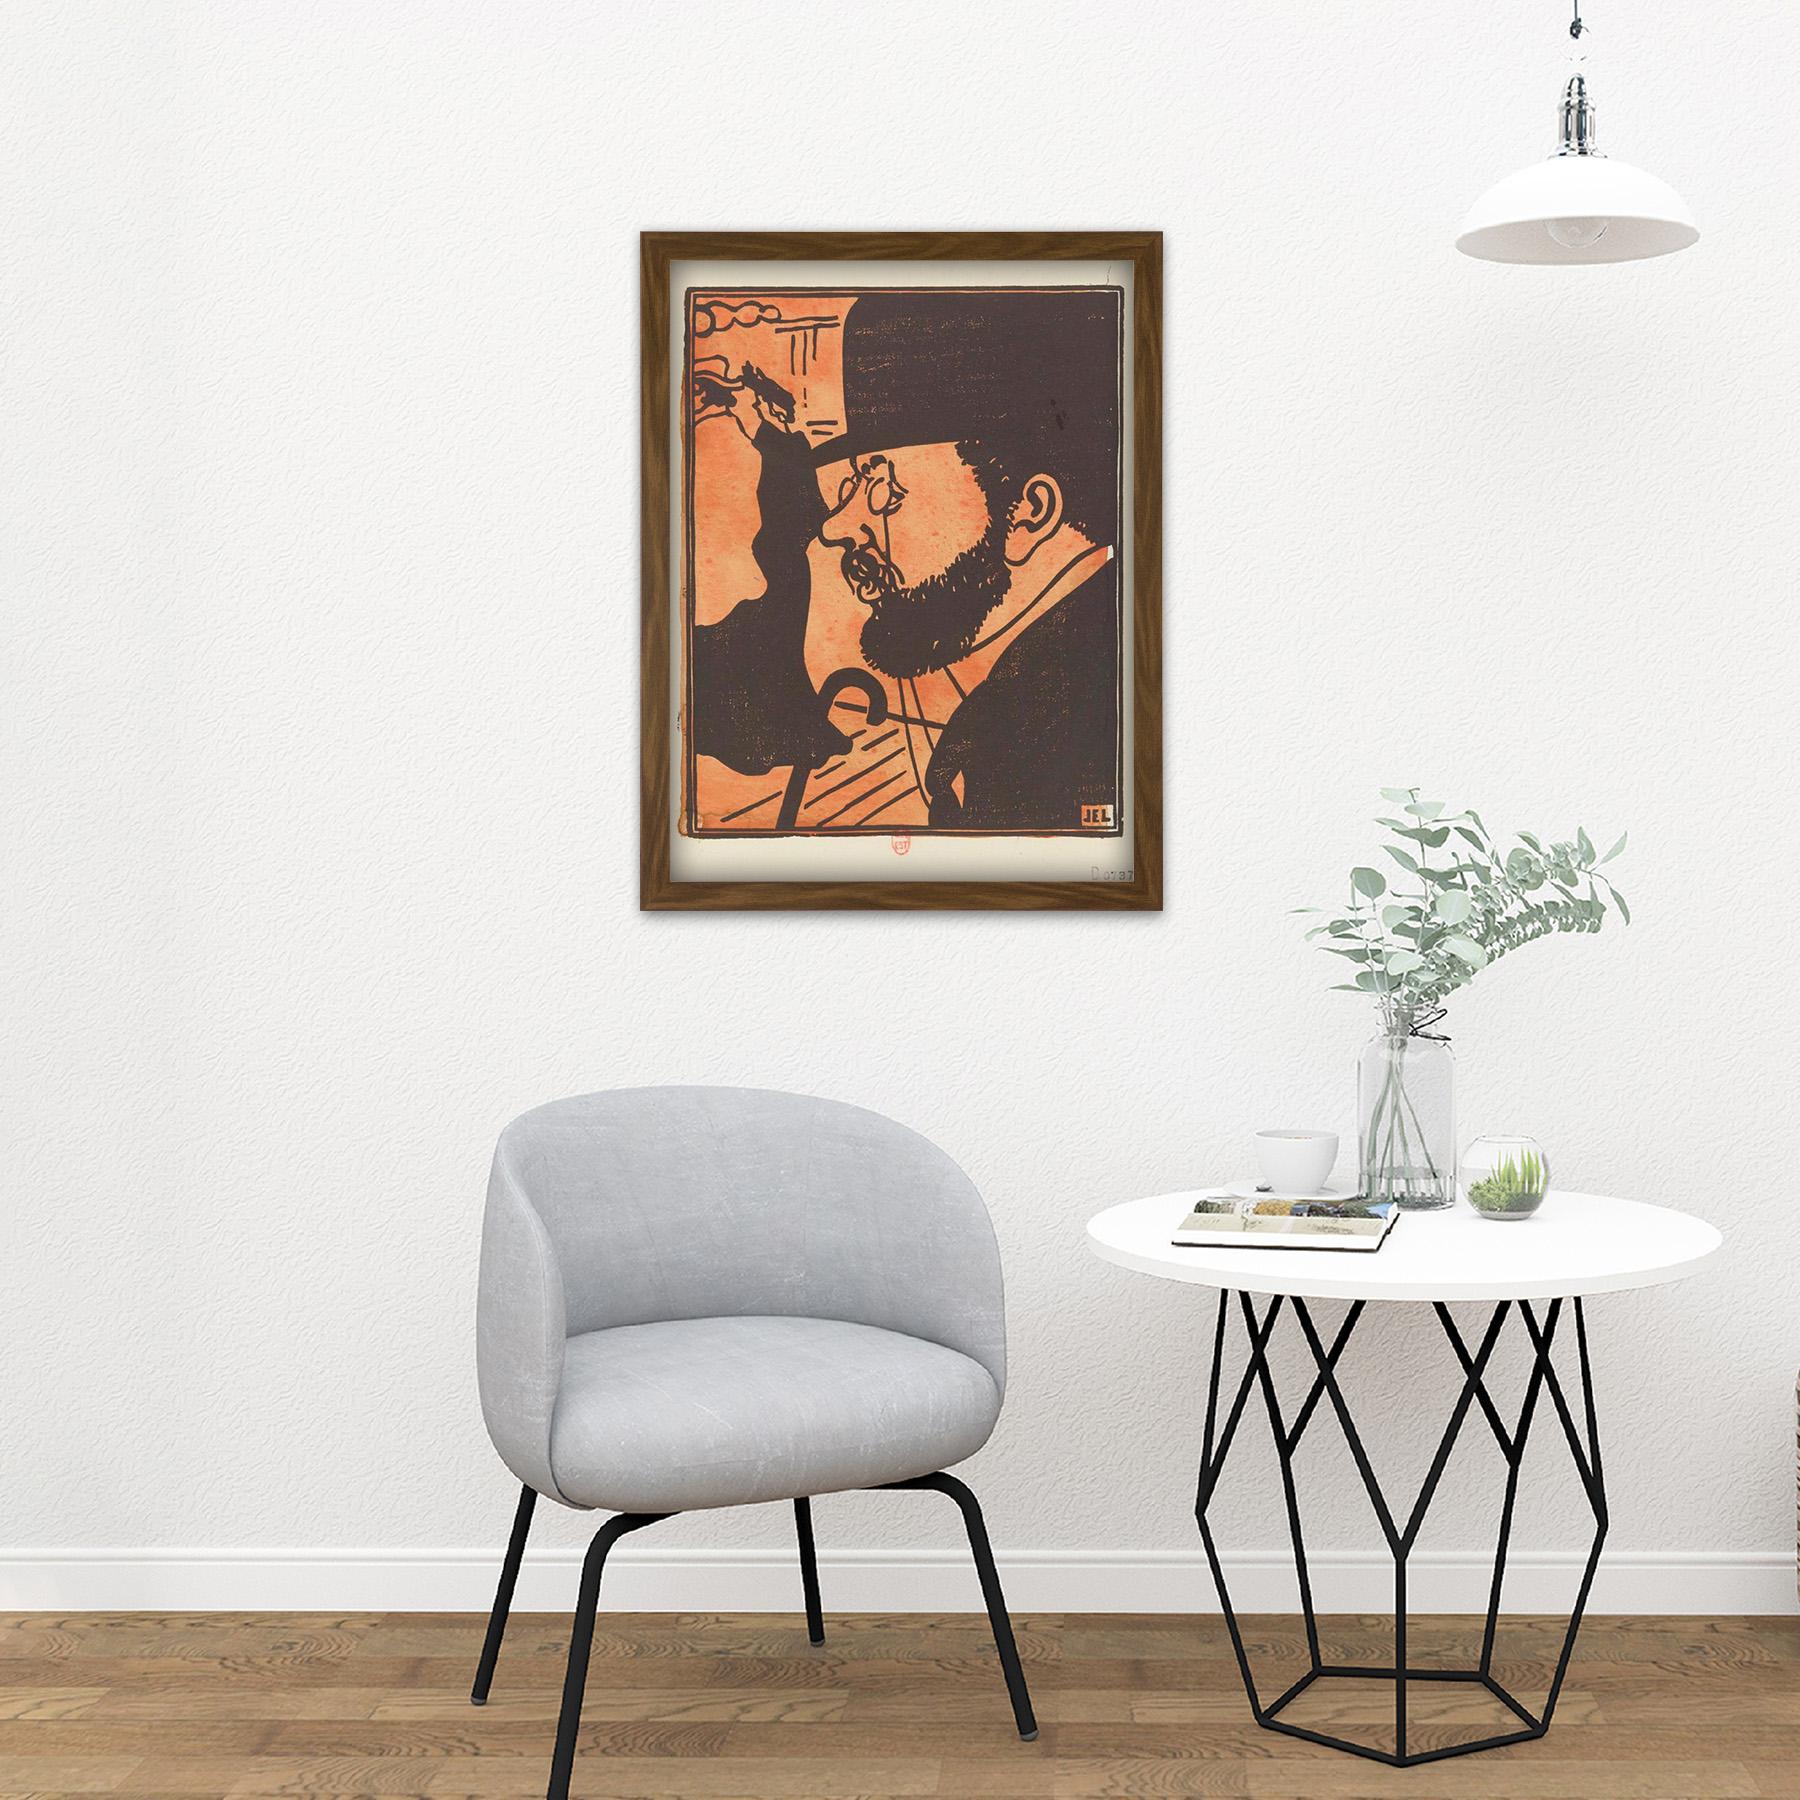 Laboureur-Portrait-Toulouse-Lautrec-Engraving-Large-Framed-Art-Print thumbnail 13